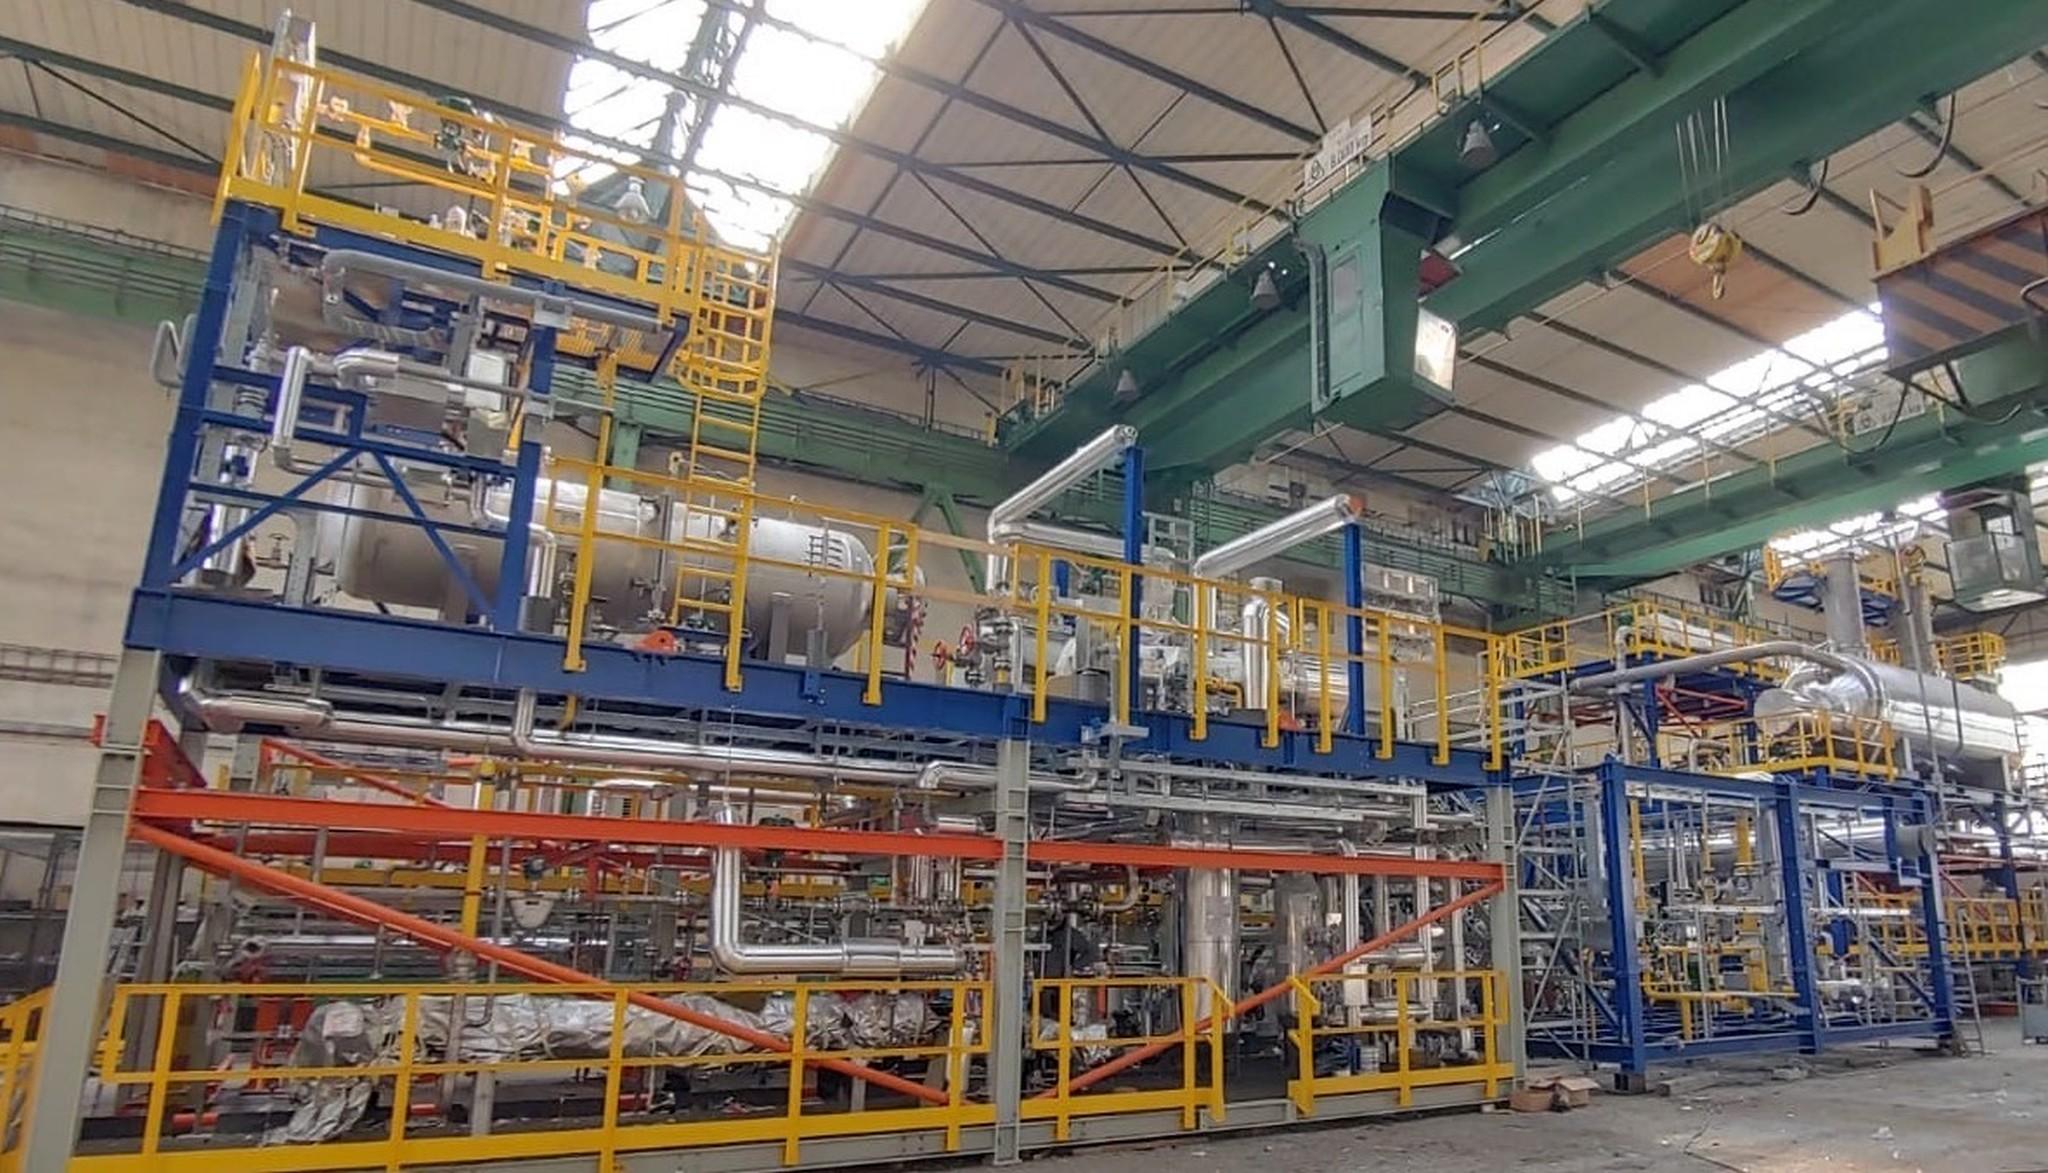 Firma mimo jiné zajišťuje dodávkyamontážeskidových jednotek - prefabrikovaných, plně vybavených modulů či ocelových konstrukcí vybavených potrubím azařízením, což zjednodušuje montáž.